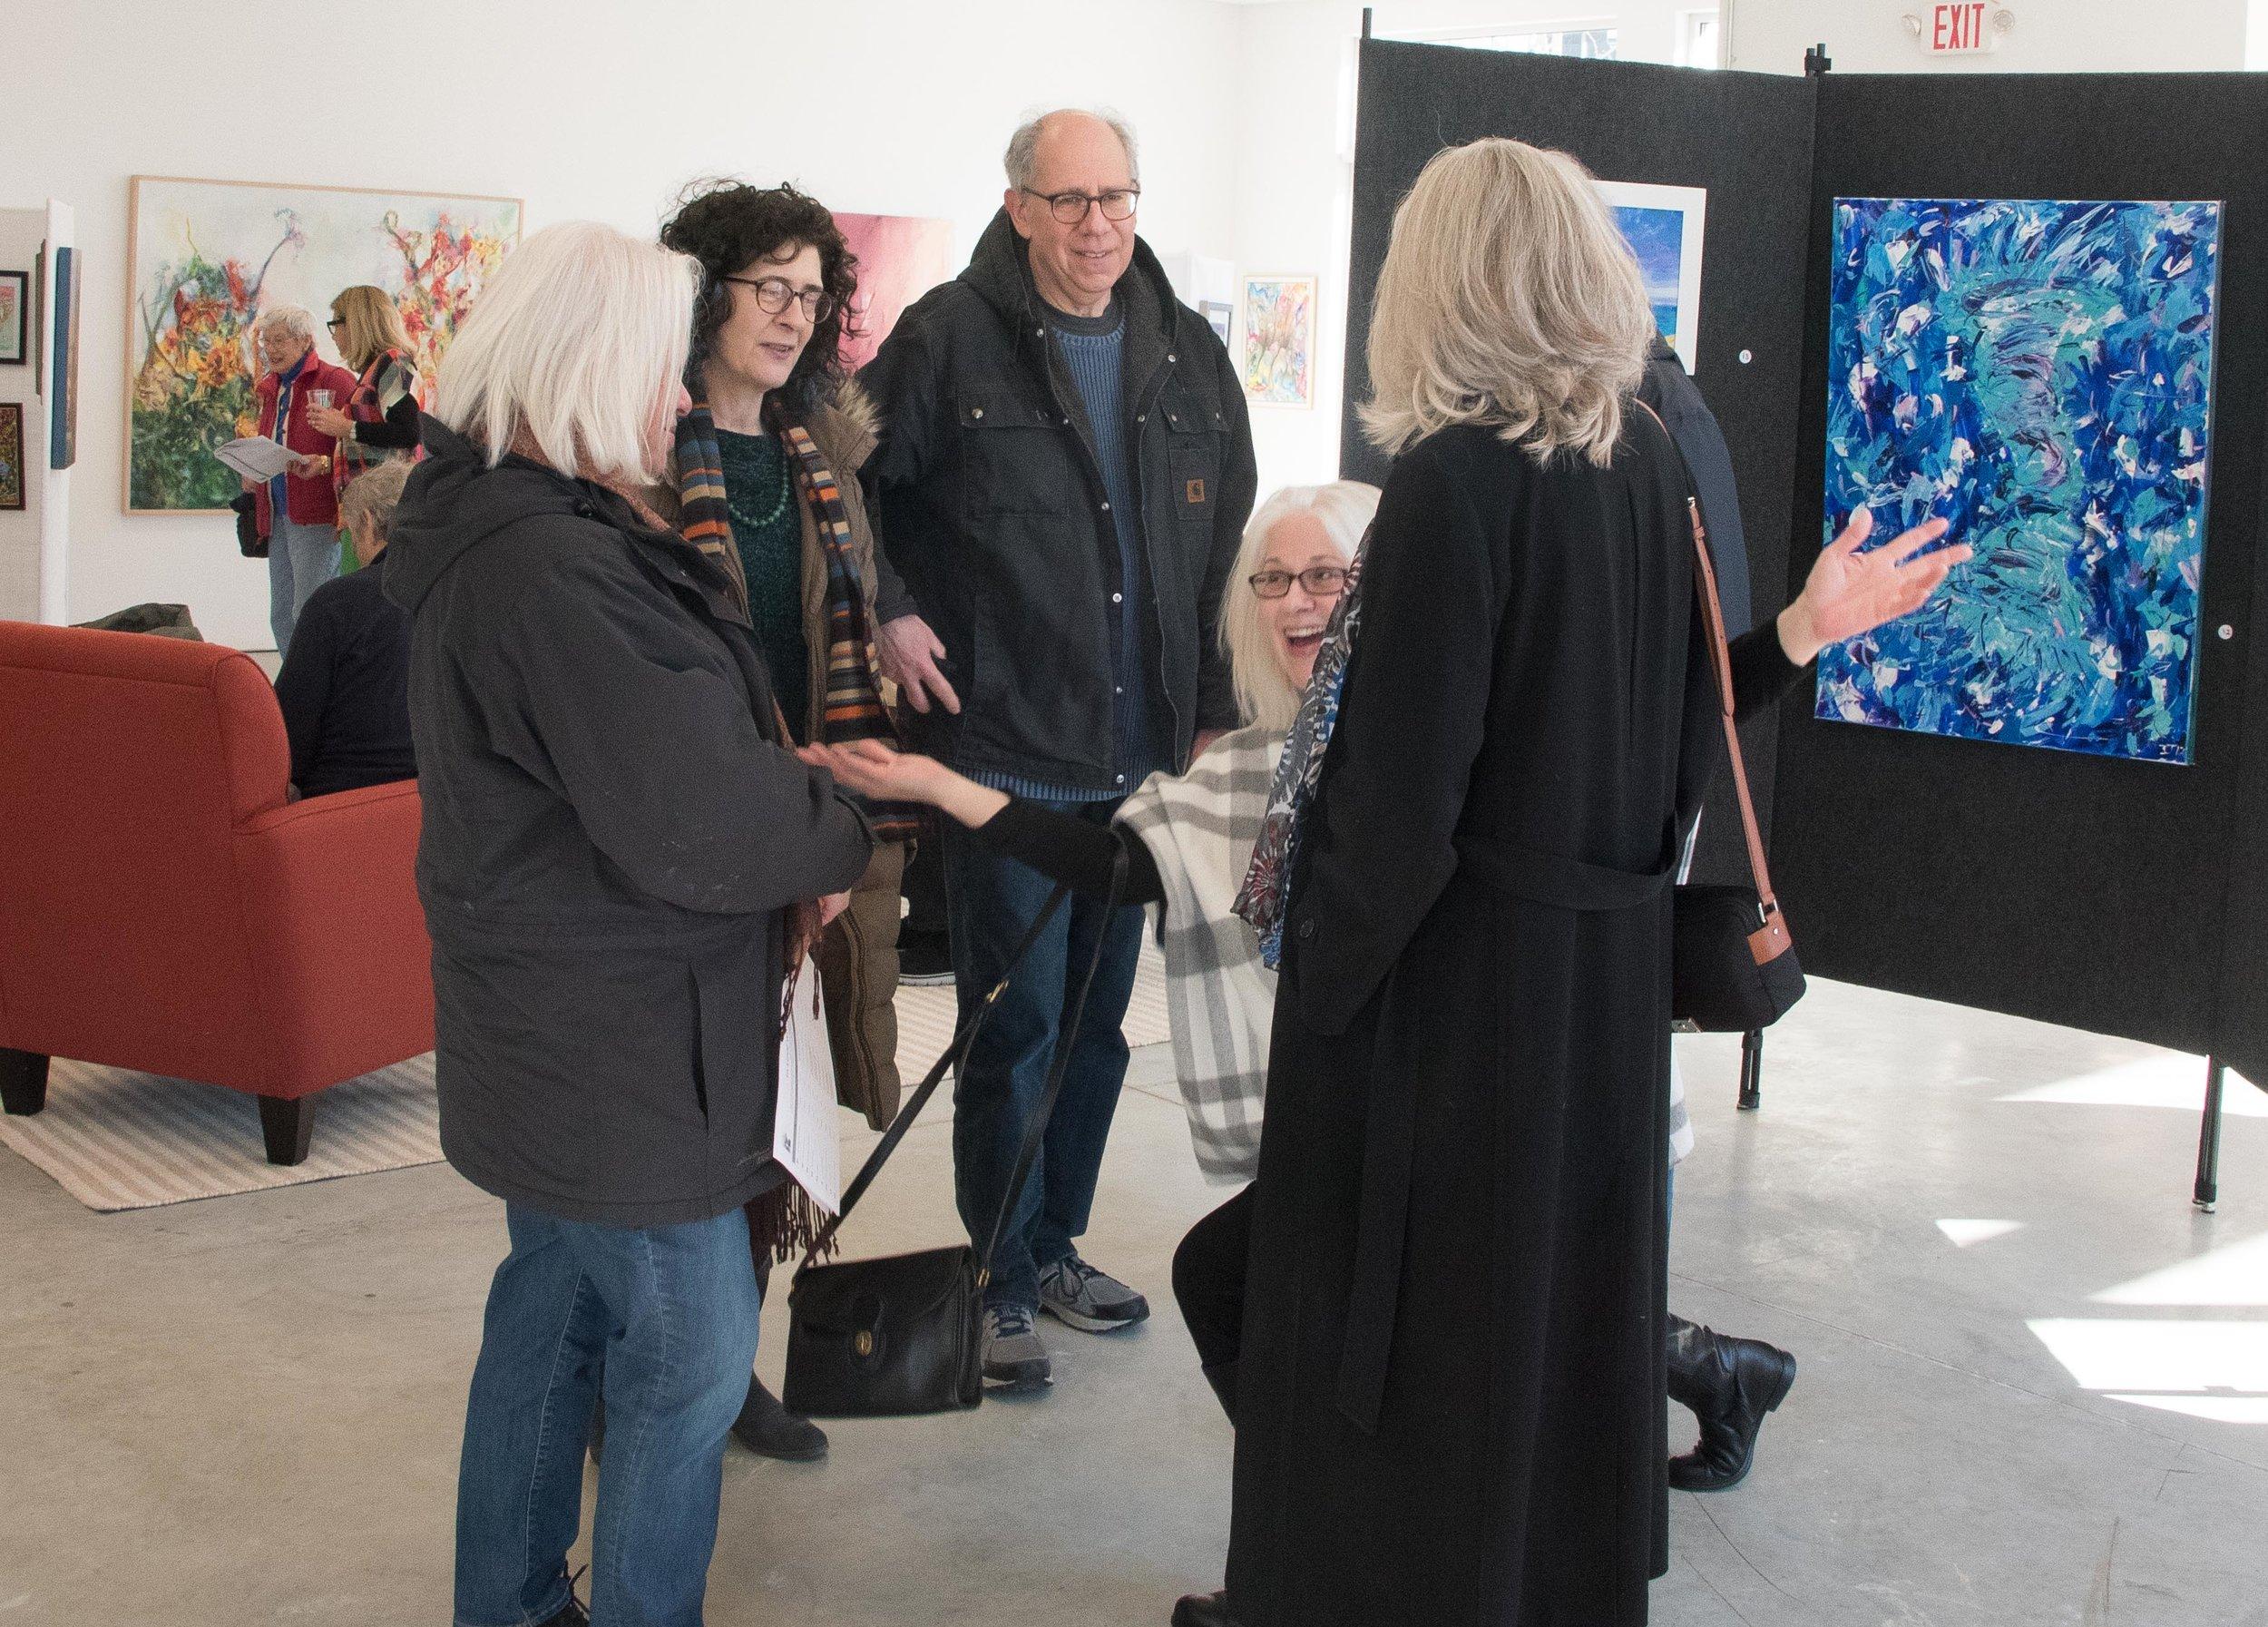 20190209 artswayland gallery-89.jpg